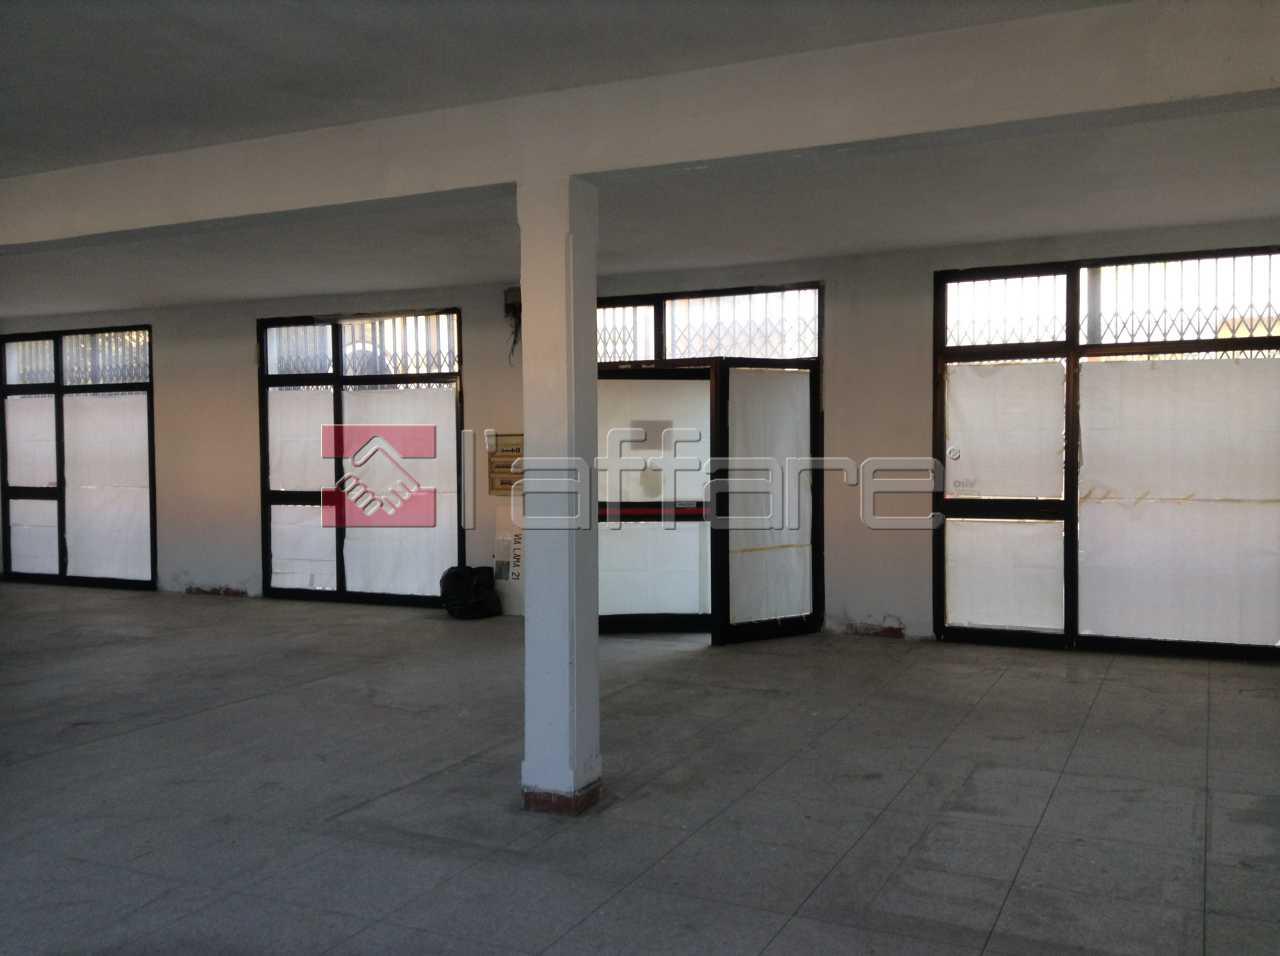 Locale comm.le/Fondo in affitto a Pontedera (PI)